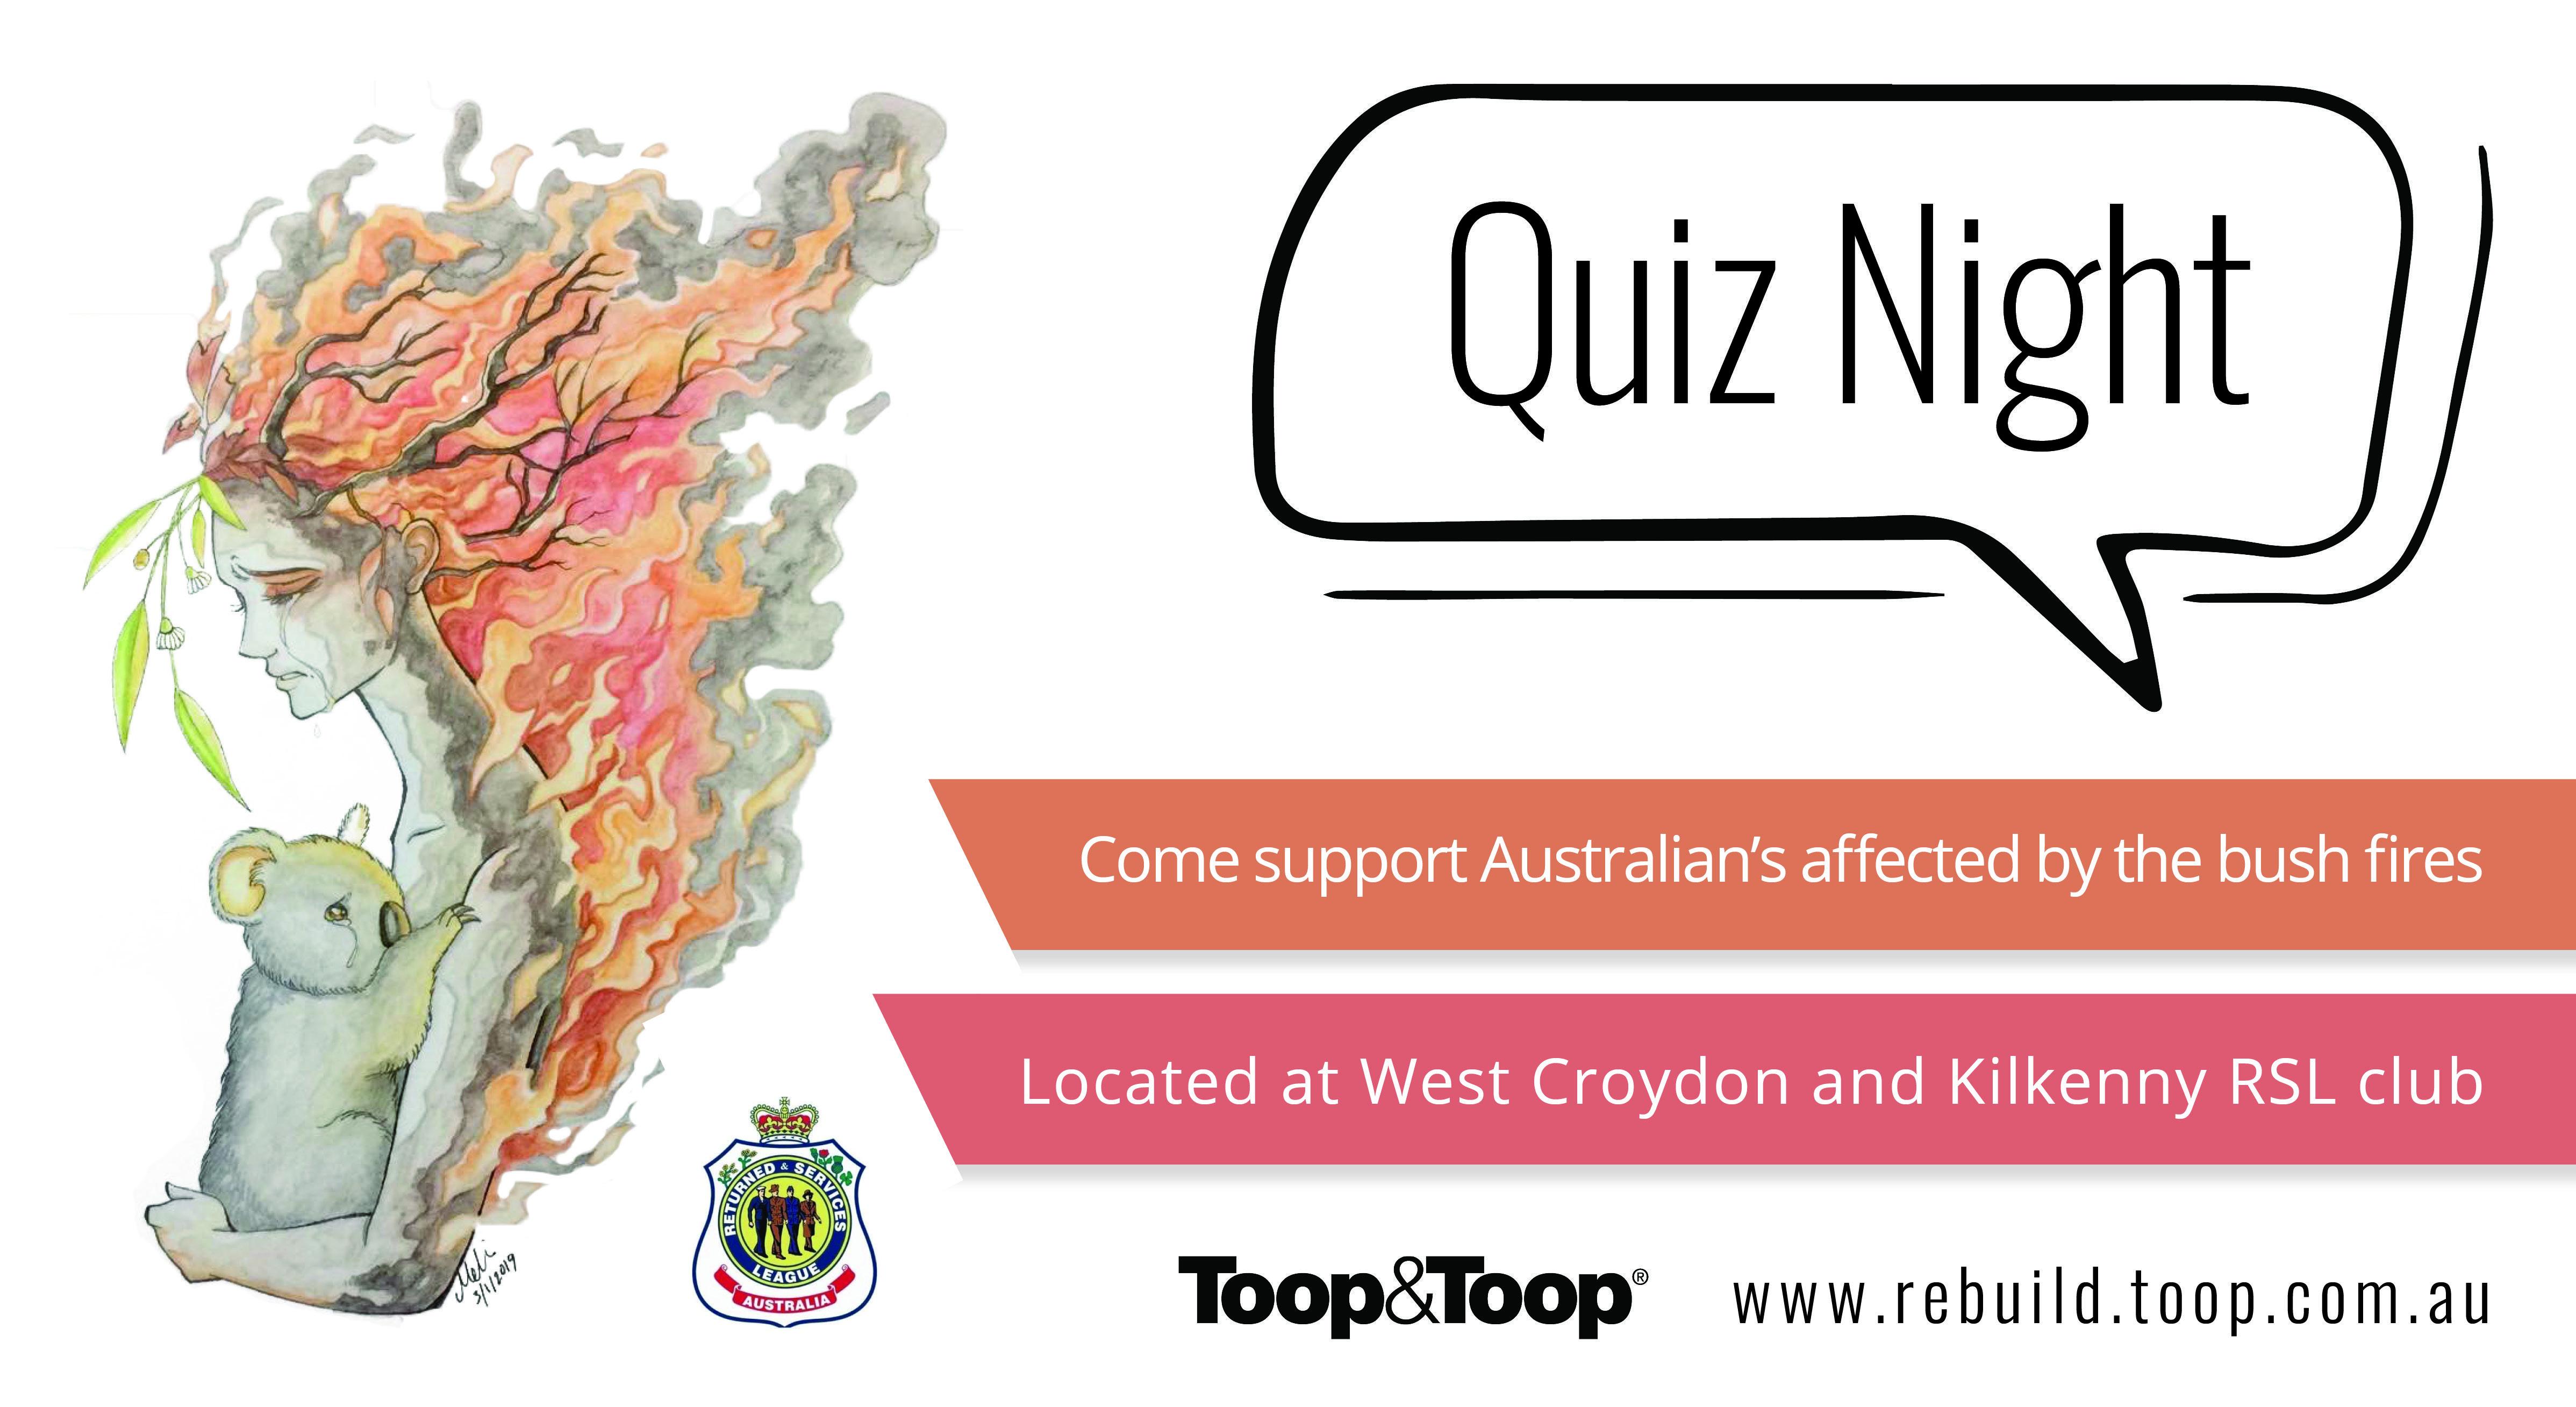 Toop&Toop Bushfire Relief Quiz Night